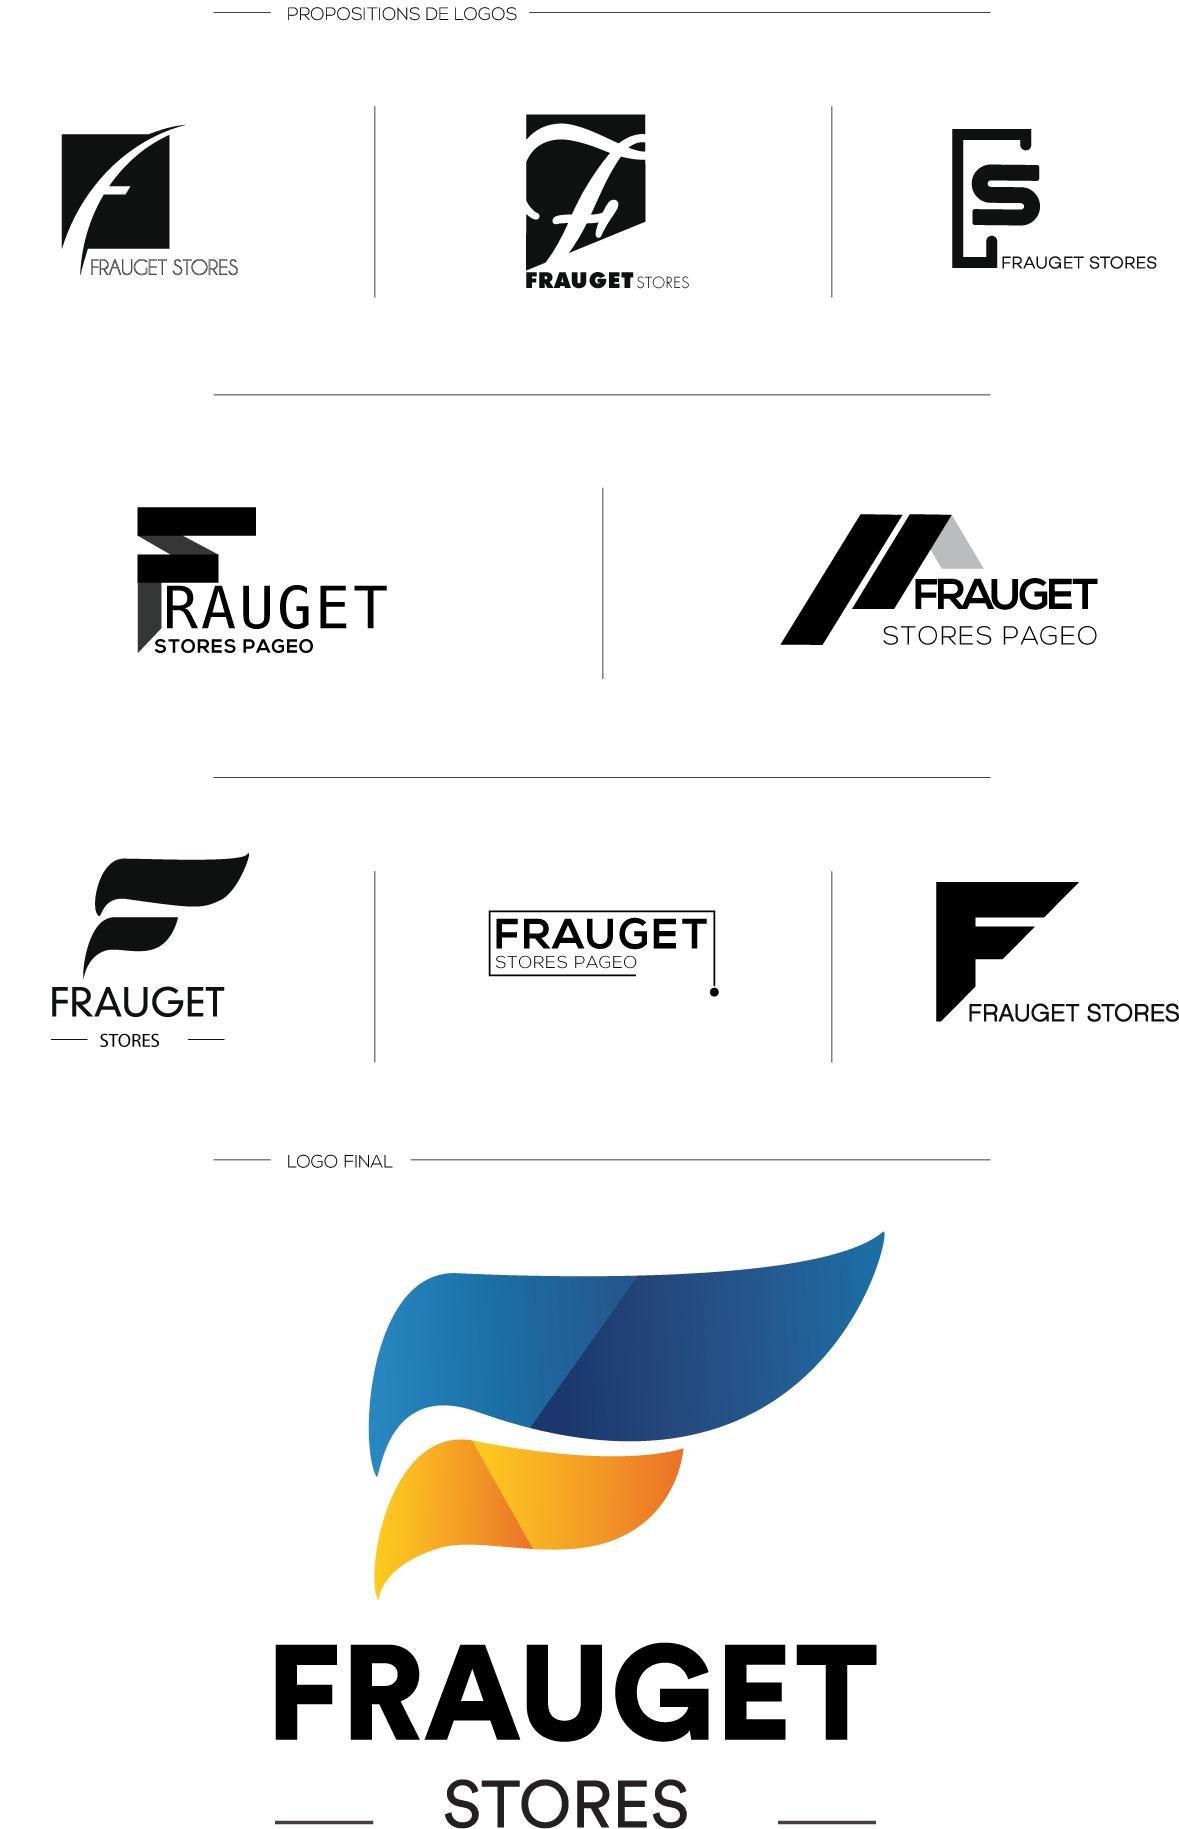 Planche de recherche de logo pour l'entreprise Frauget Stores